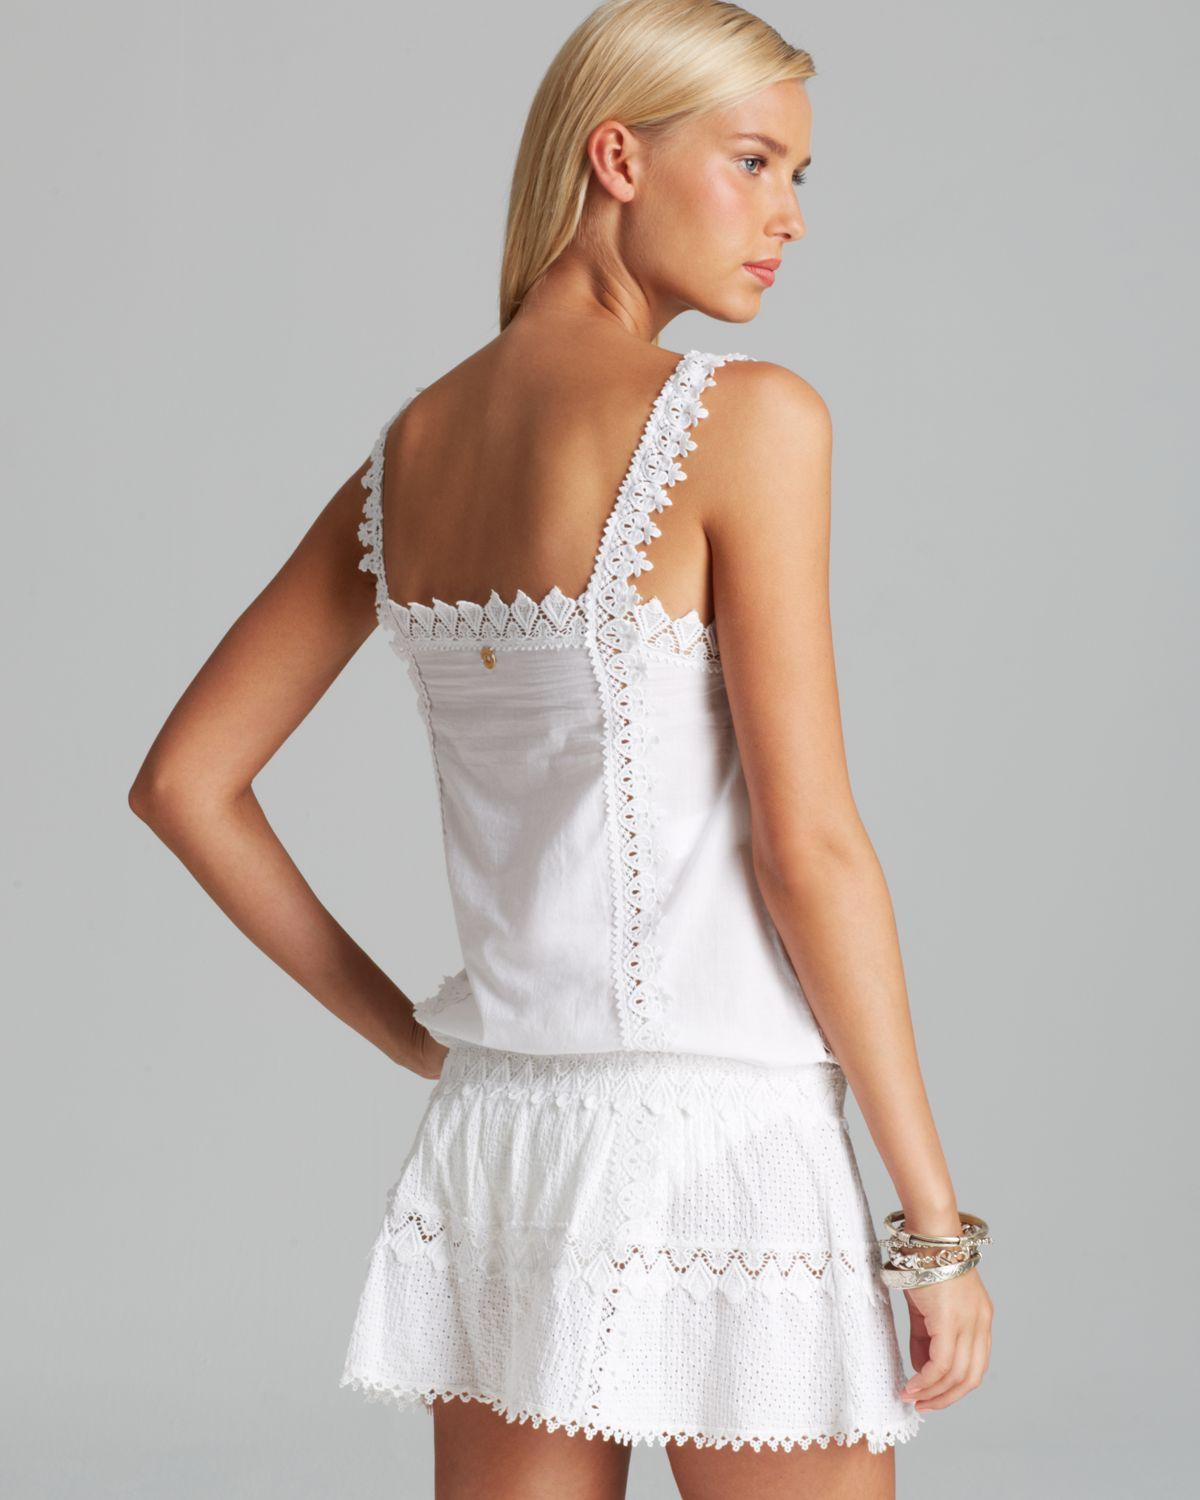 Ondademar Eden Hues Swim Cover Up Dress In White